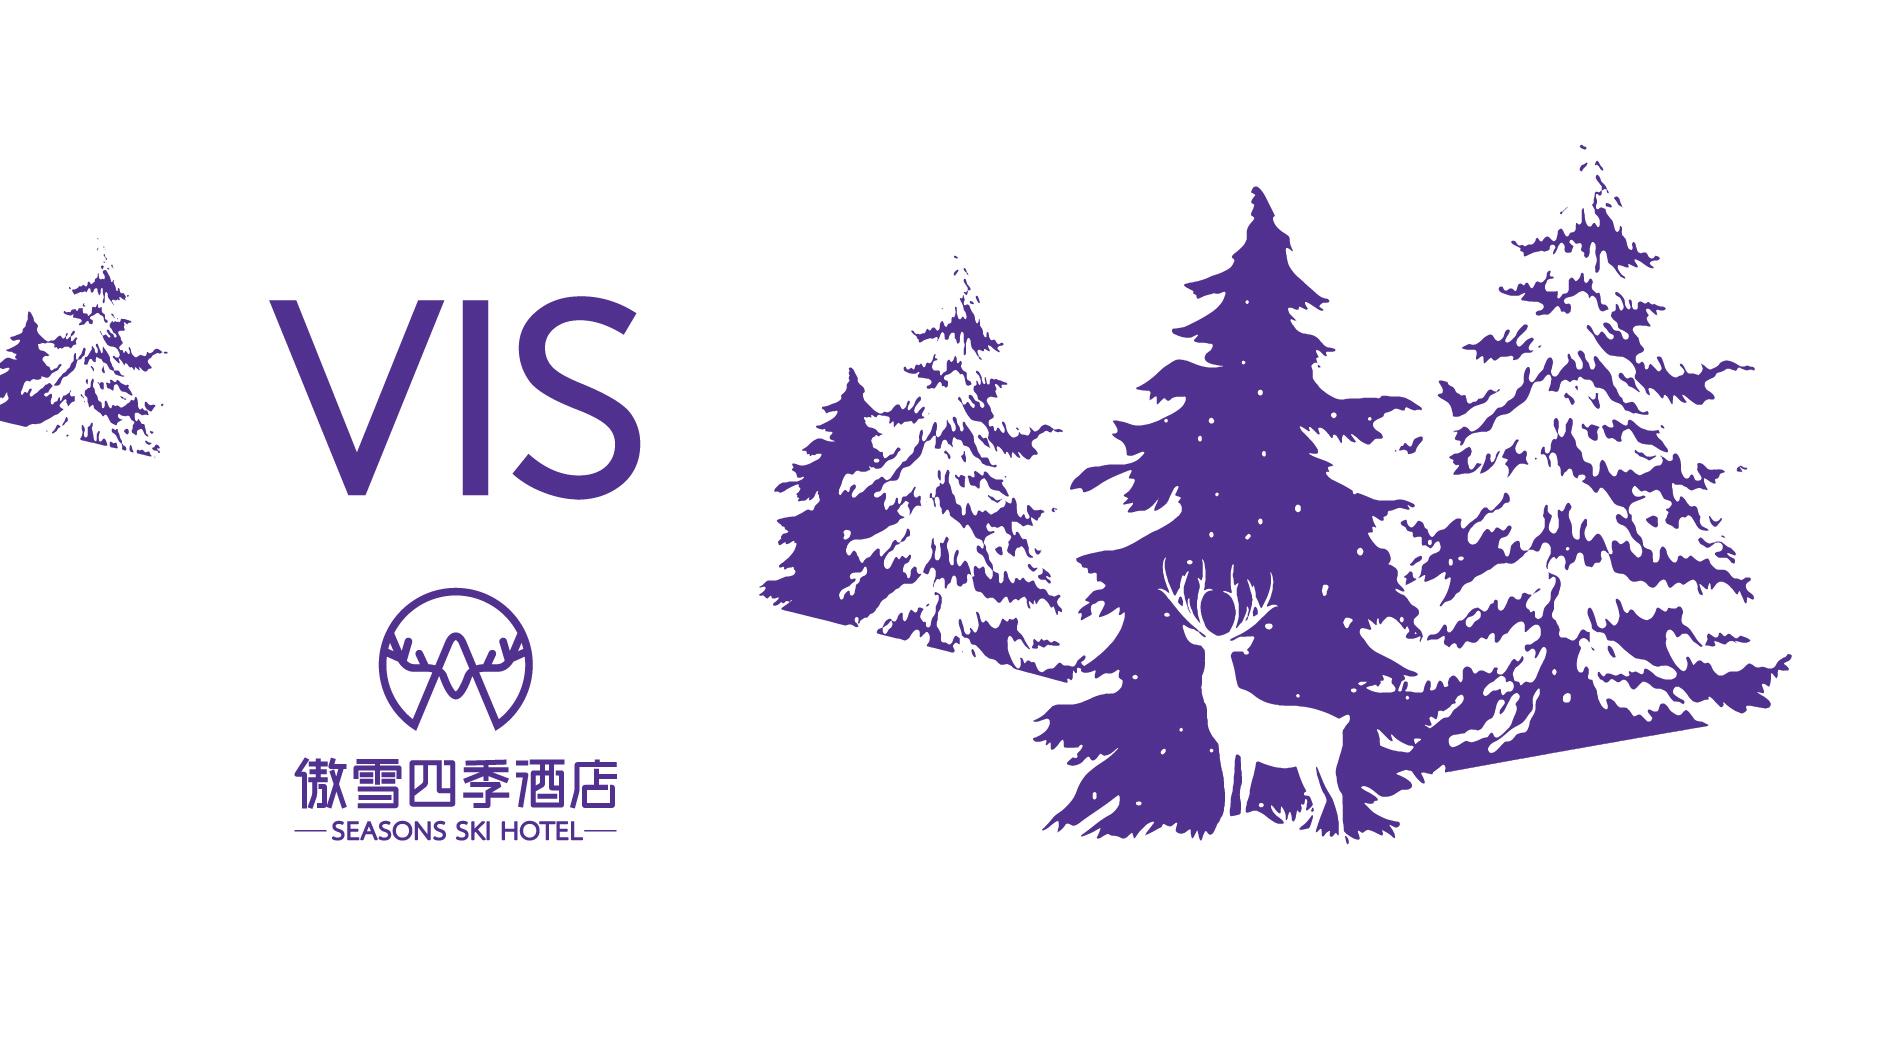 傲雪四季(VI)